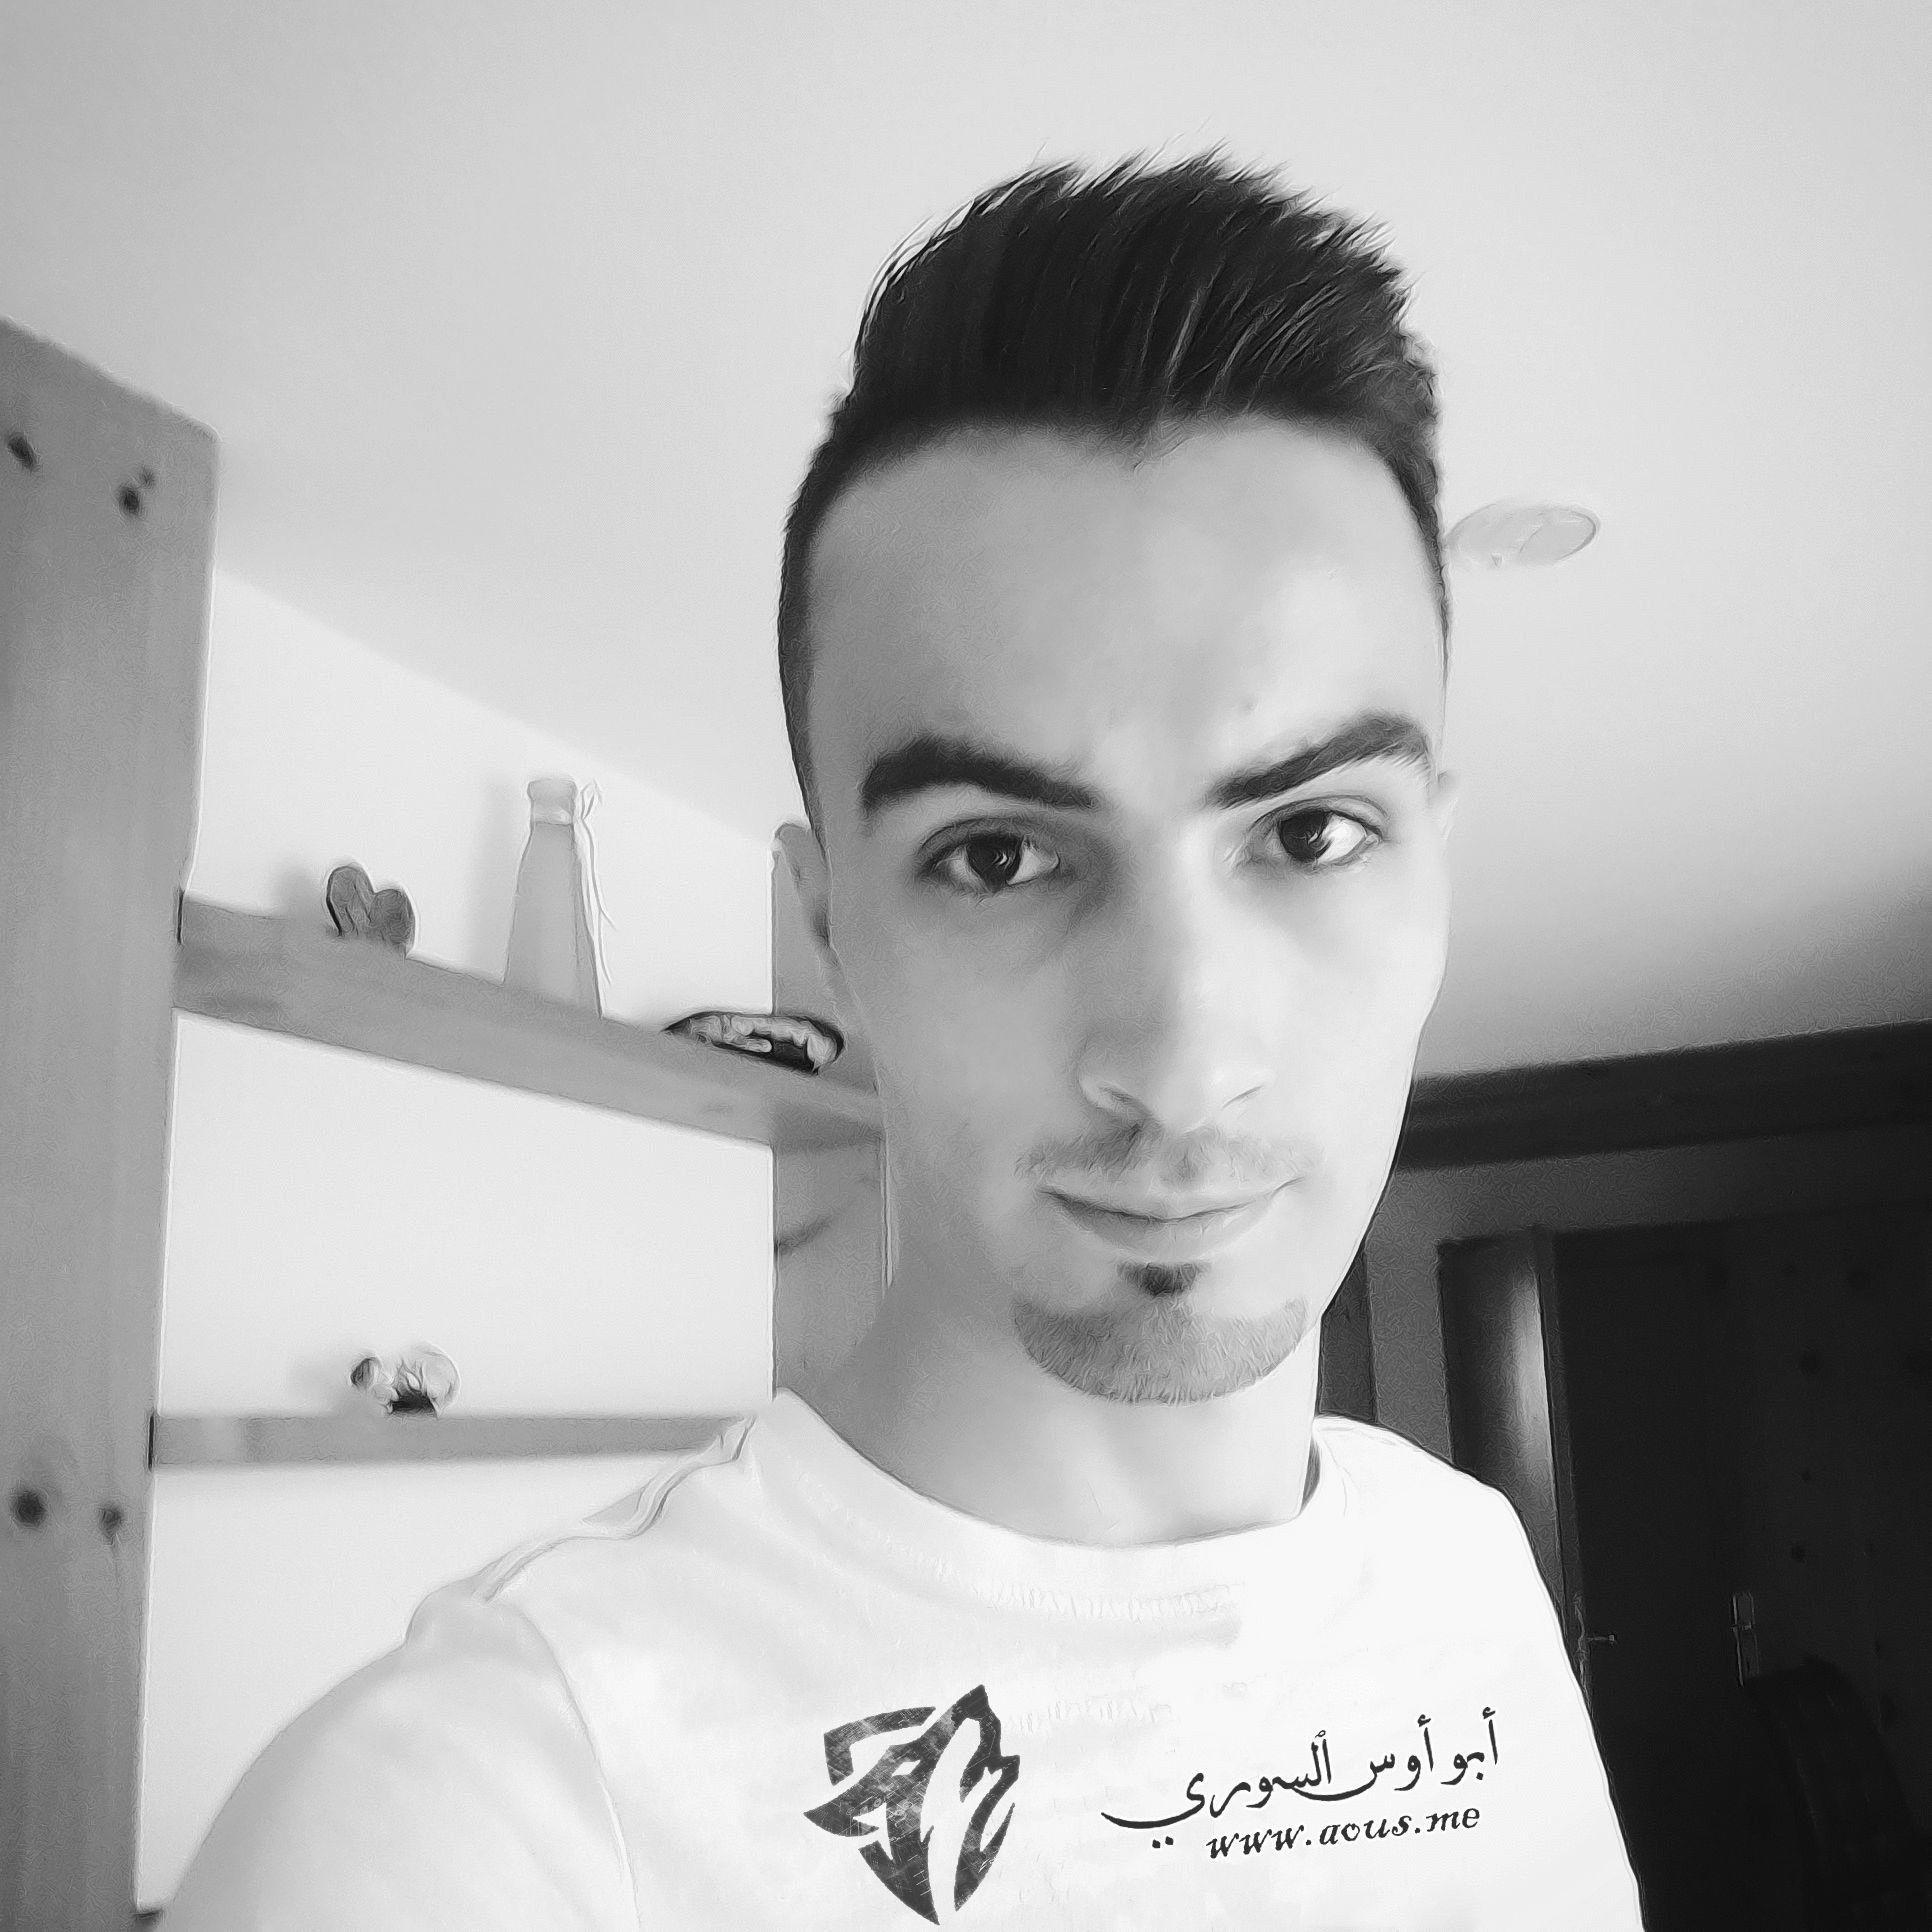 أحمد الحلبي Headshot